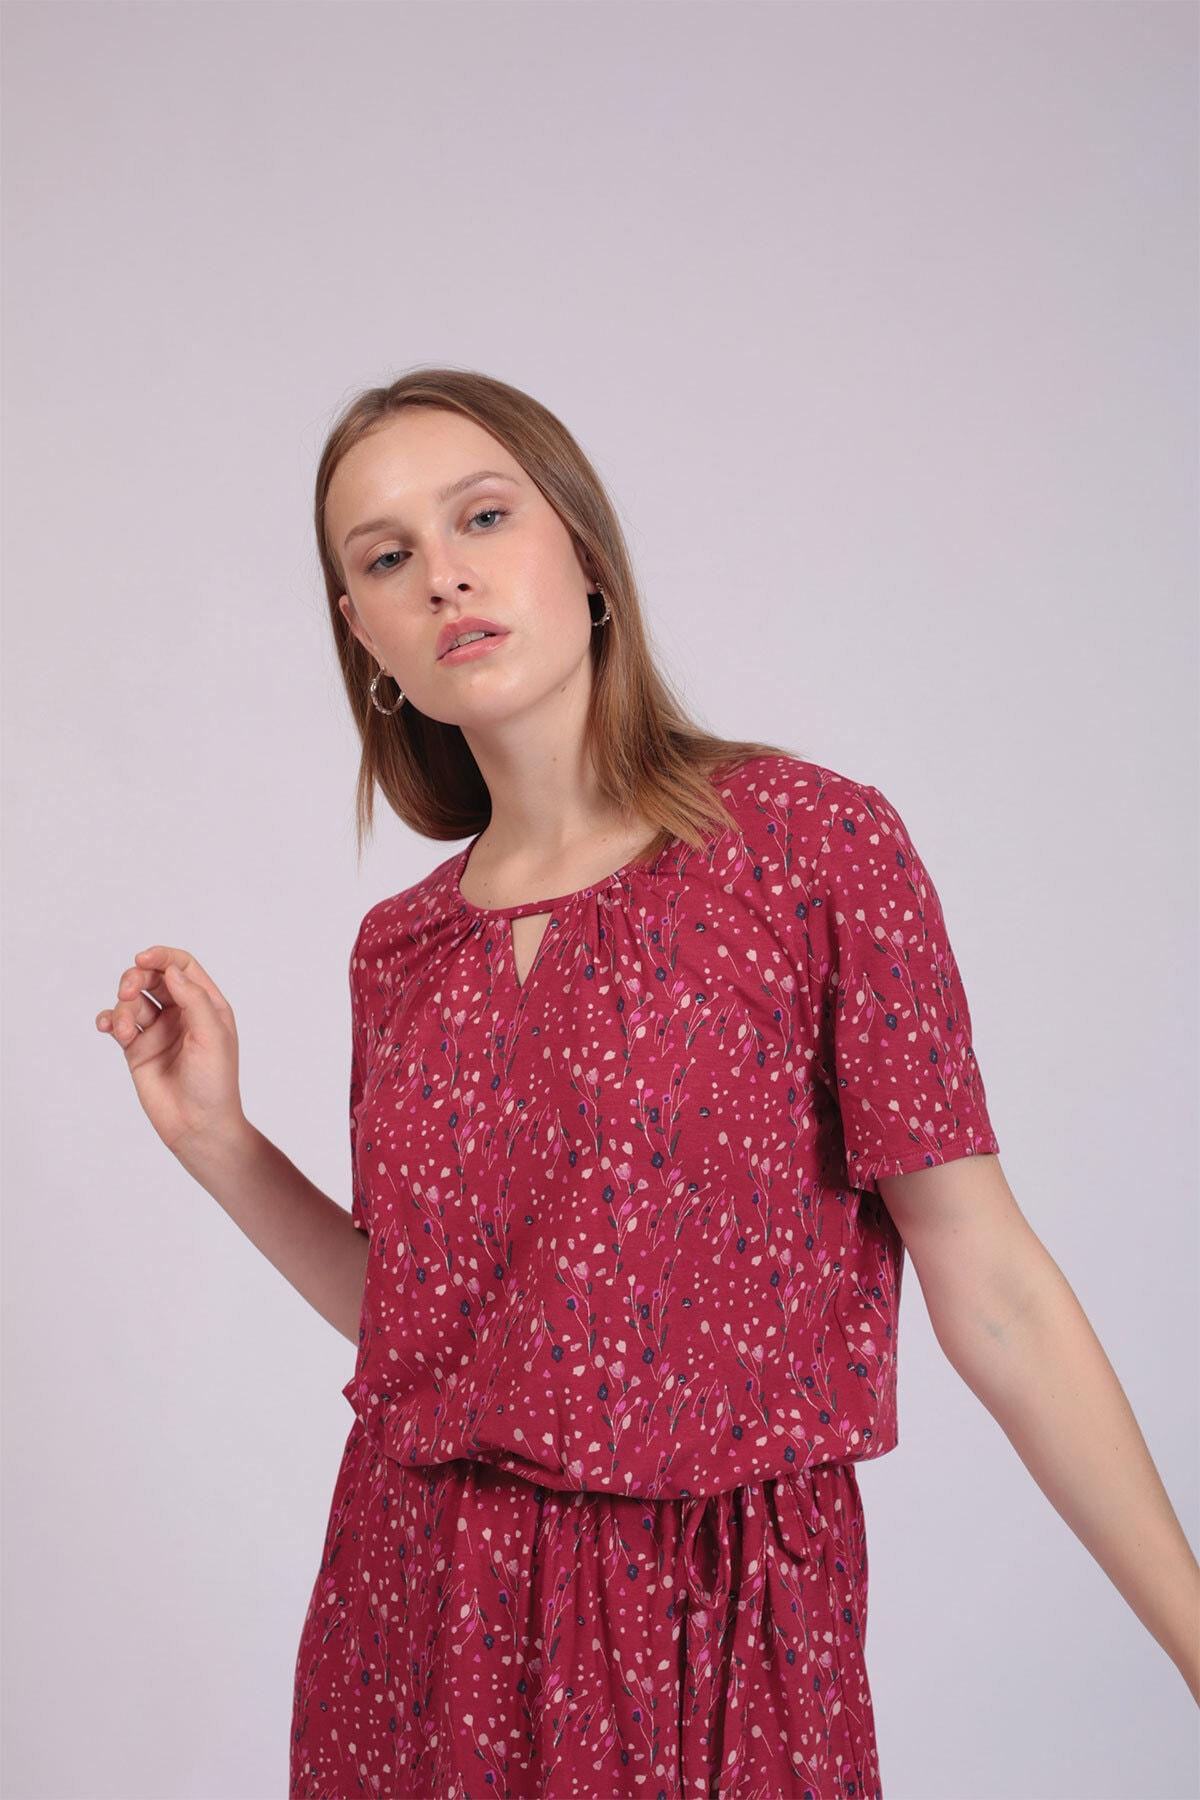 Hanna's Kadın Marun Çiçek Desenli Belden Bağlamalı Elbise  HN2758